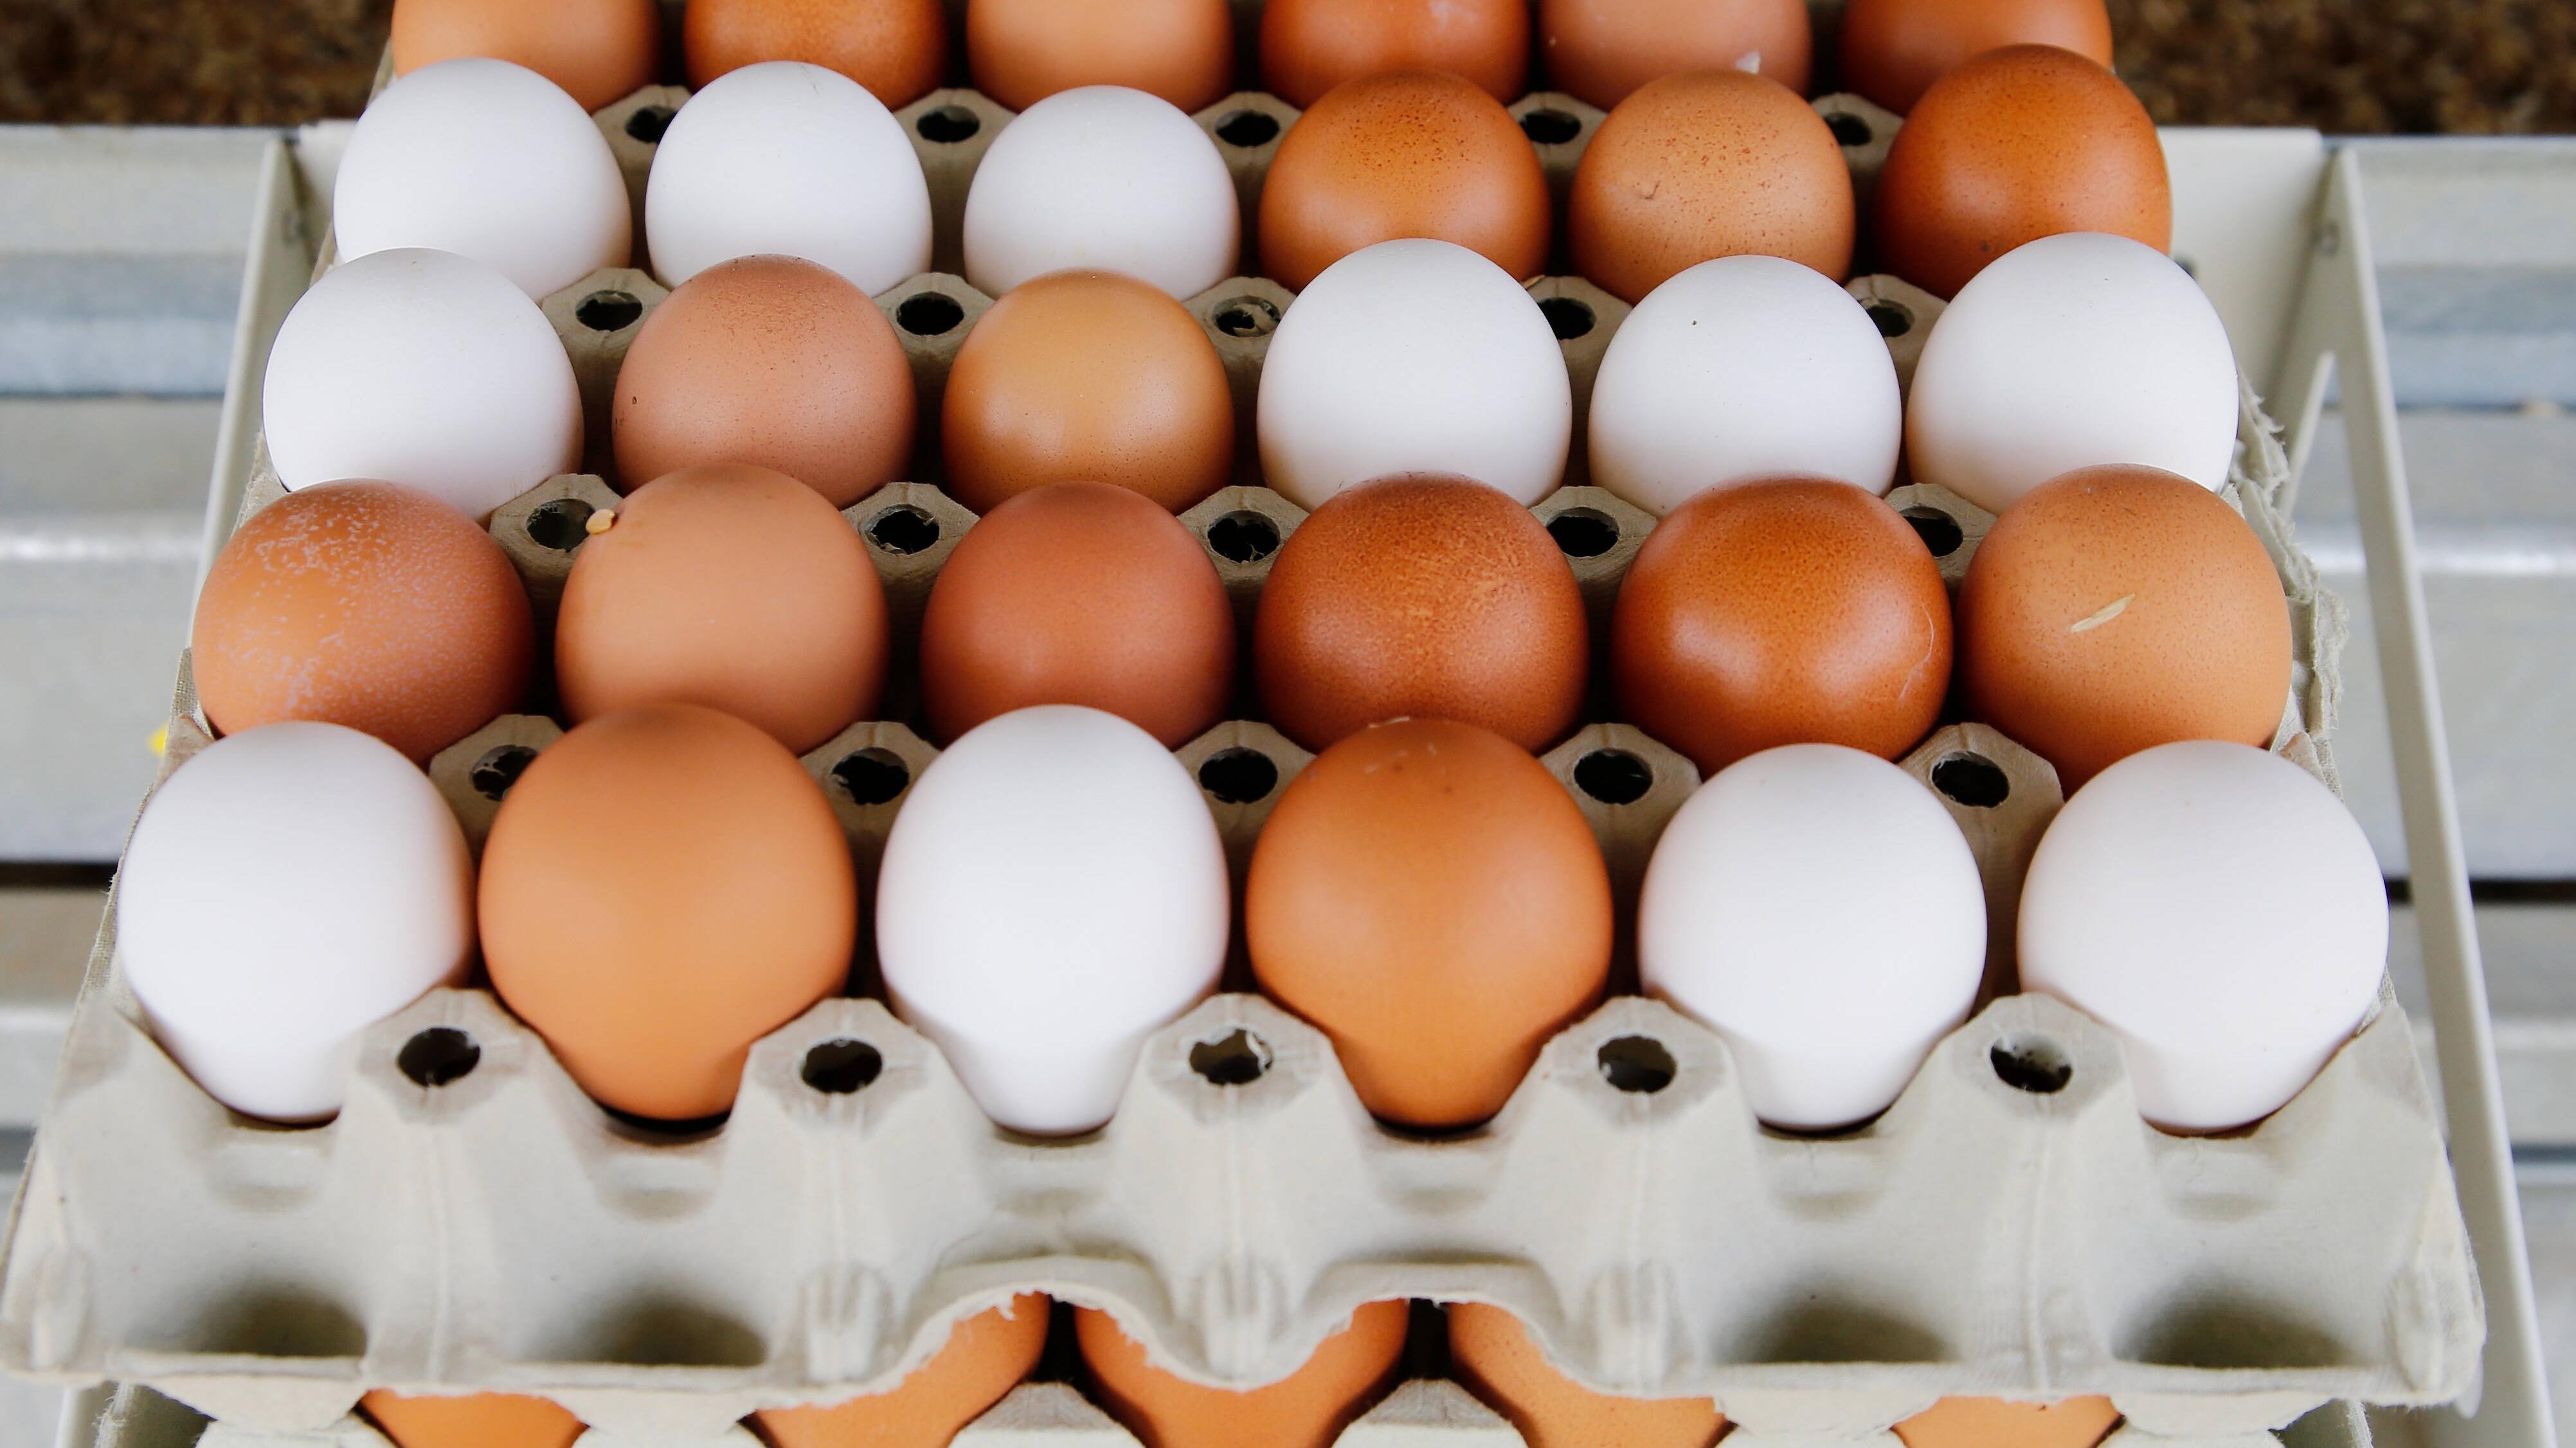 Eierkocher benutzen: Tipps und Hinweise zur Bedienung